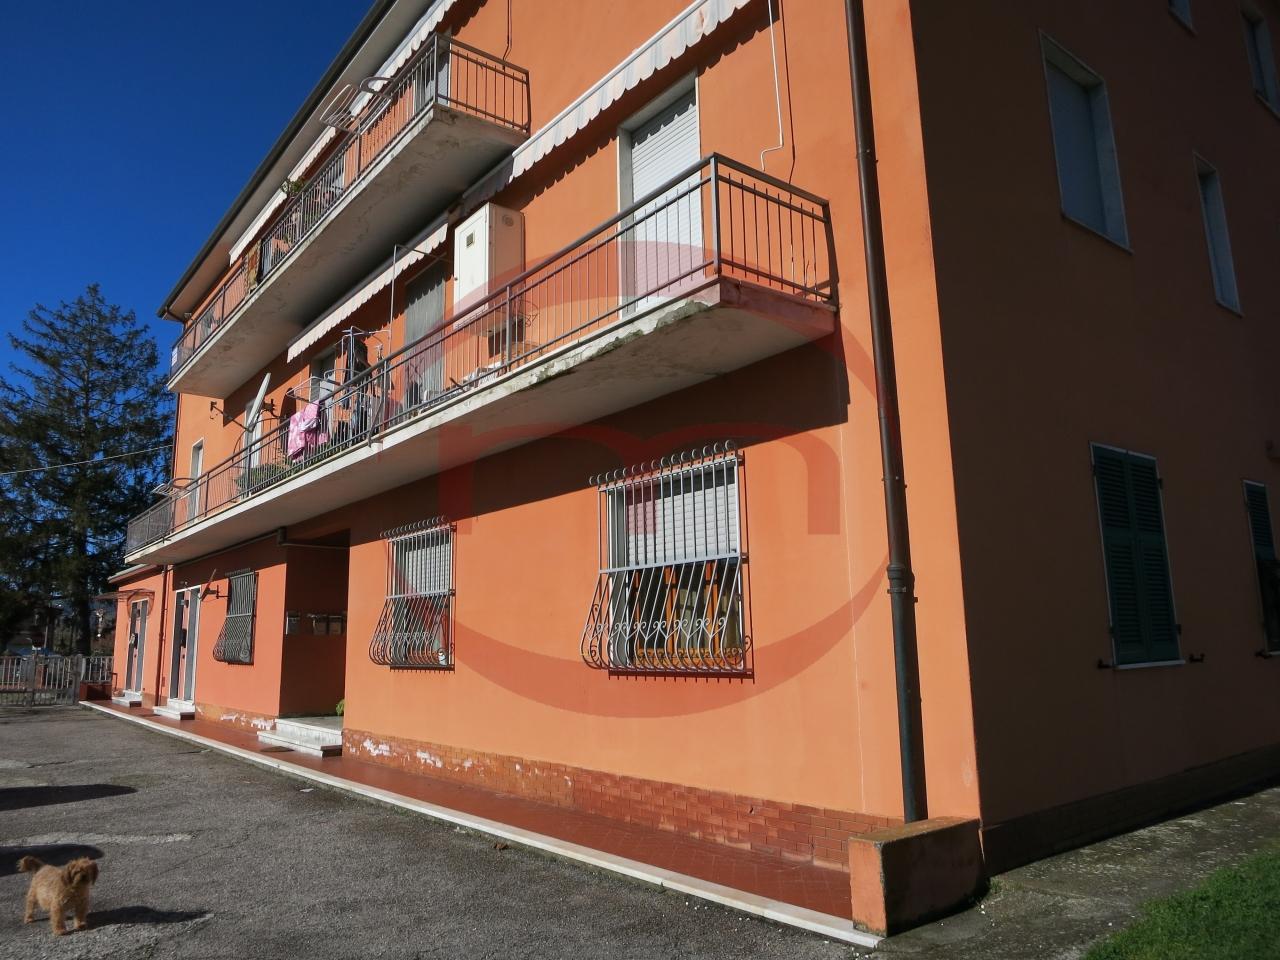 Appartamento in vendita a Castelnuovo Magra, 4 locali, prezzo € 160.000 | PortaleAgenzieImmobiliari.it